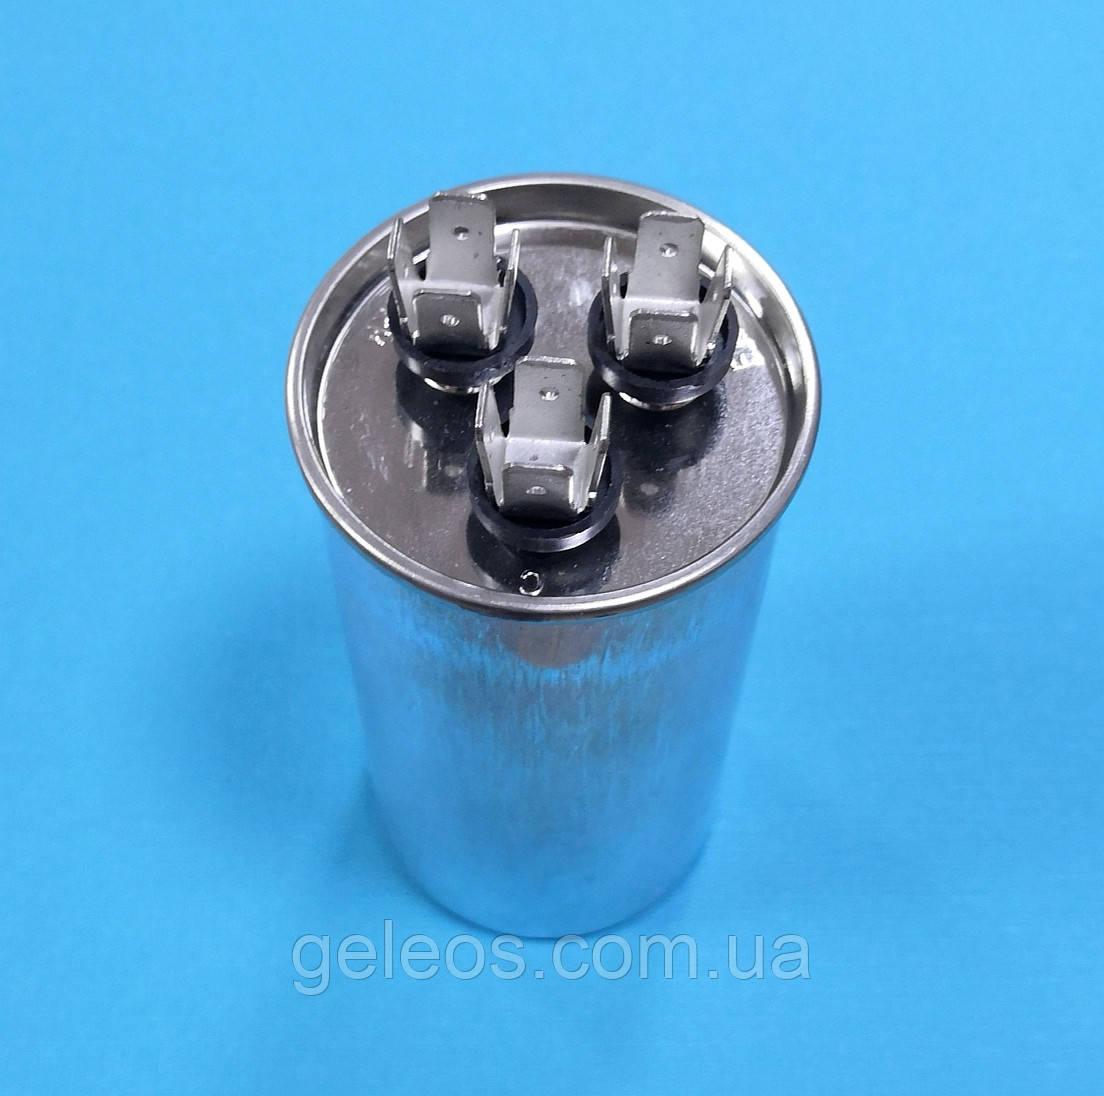 Конденсатор CBB65 35+1.5мкФ 450V пусковой /рабочий металл. Китай